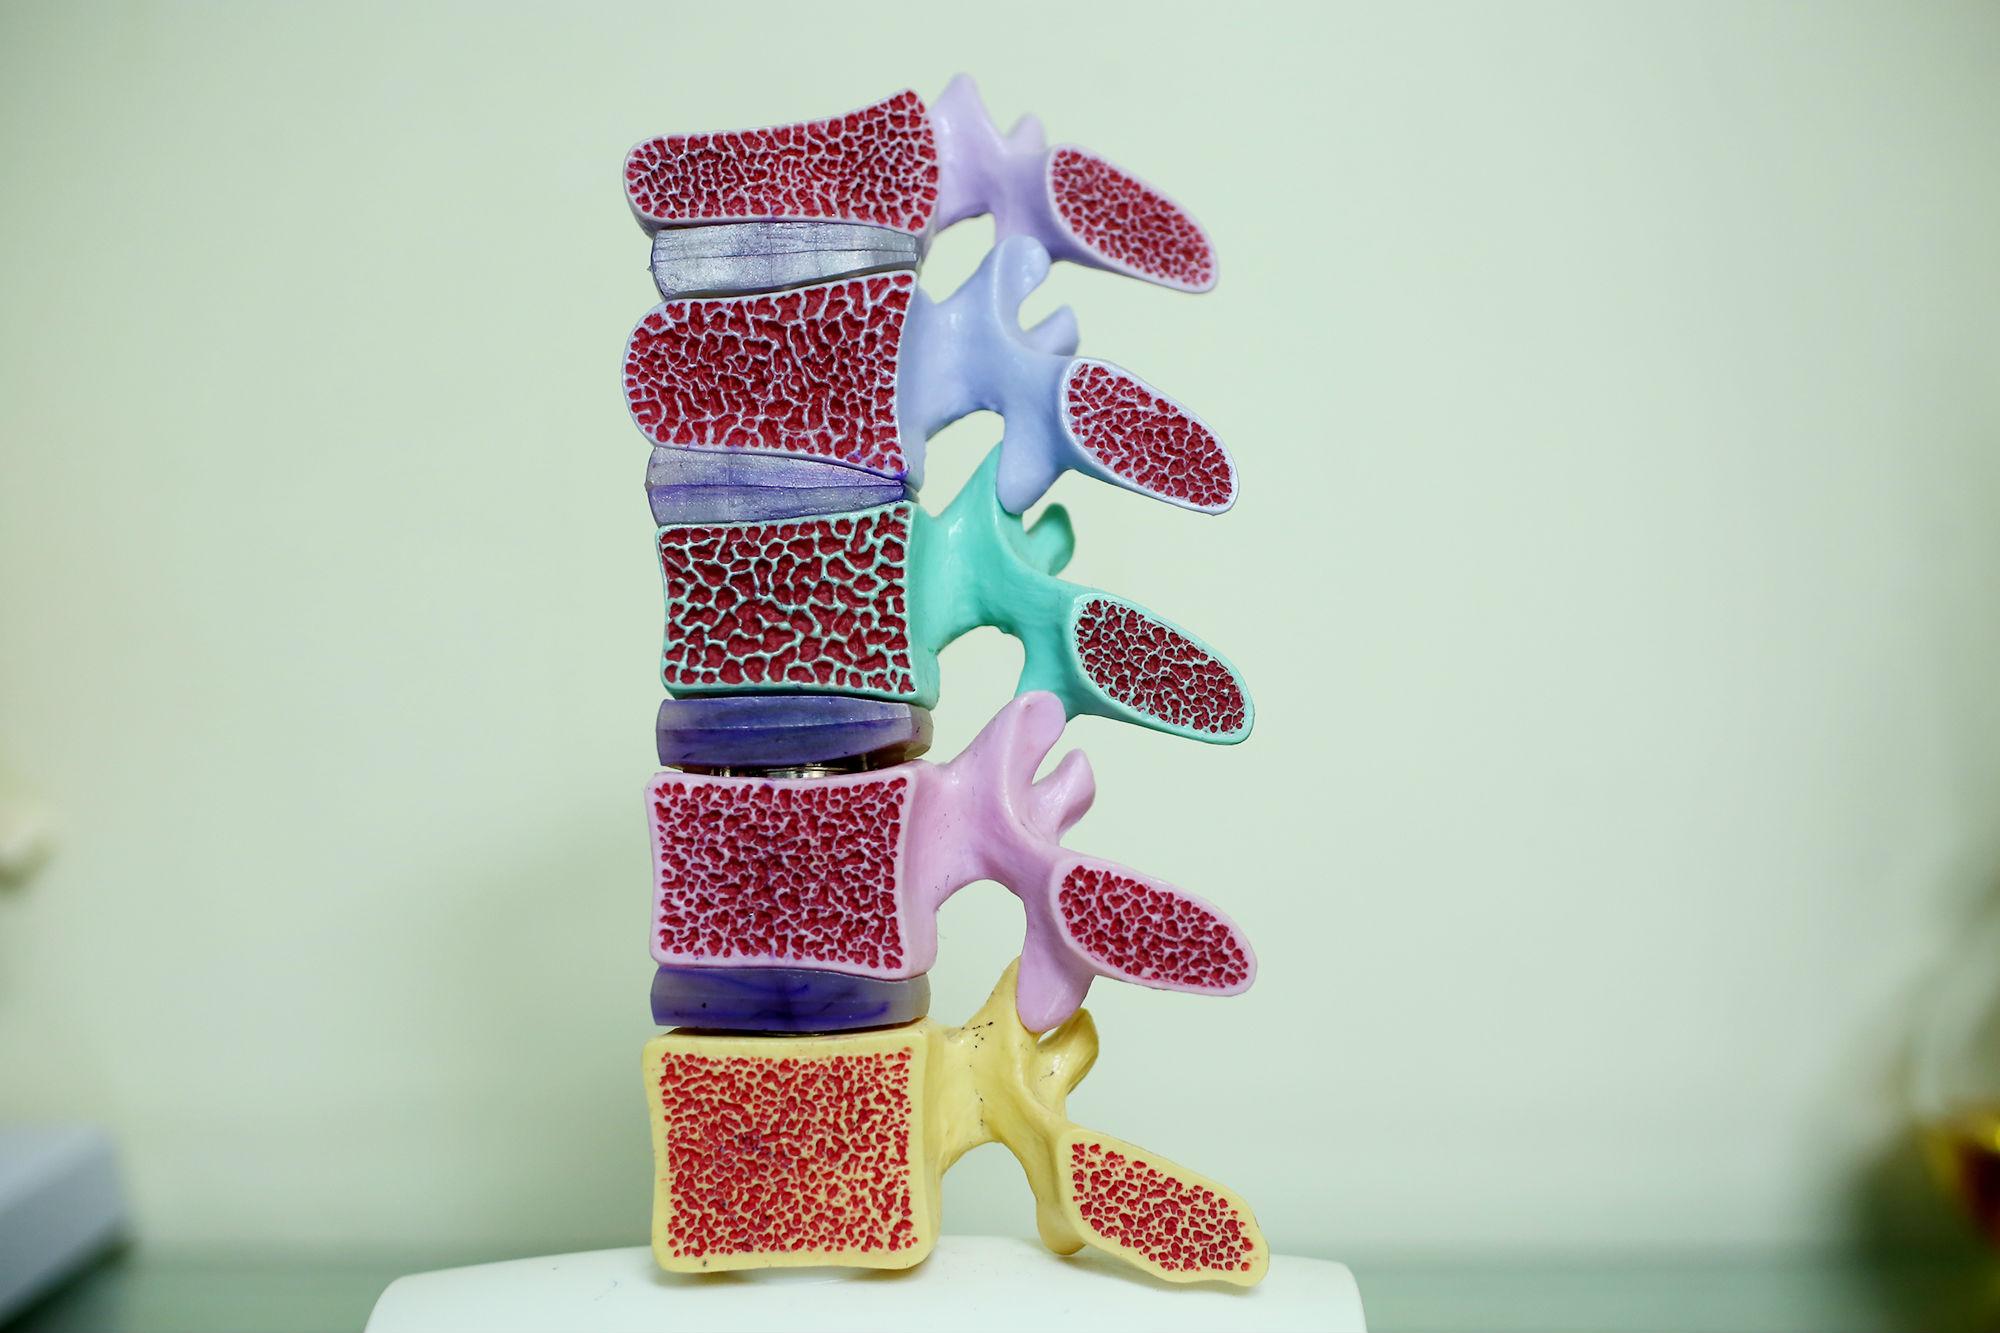 Avance de la osteoporosis en el hueso